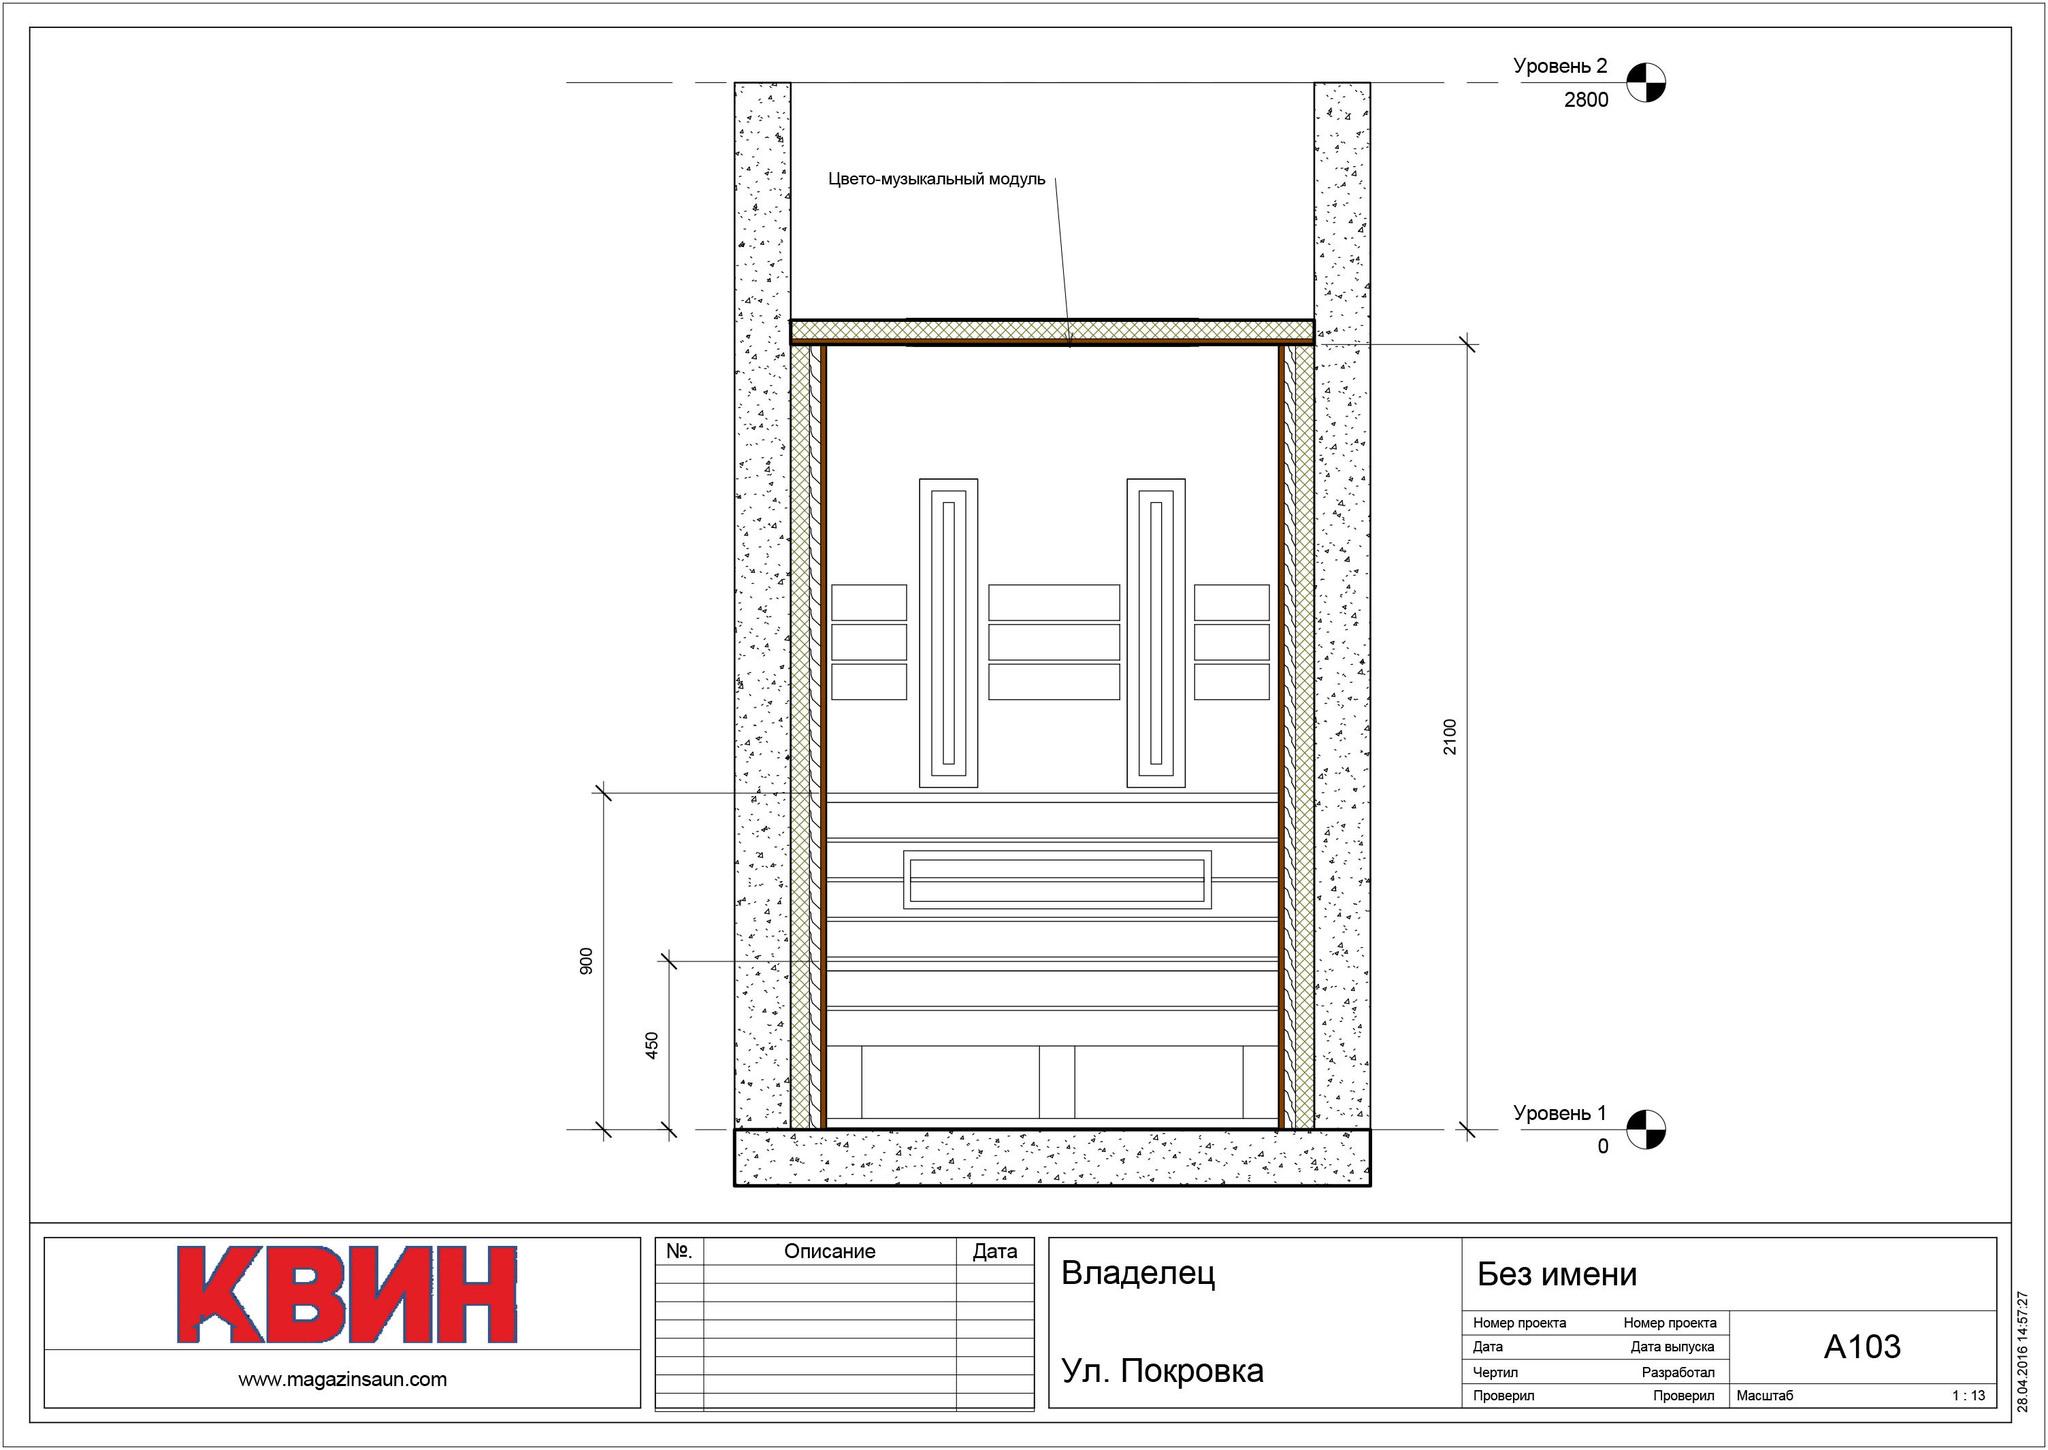 Проект инфракрасная кабина 1,4х1,4 материал: все липа, фото 3